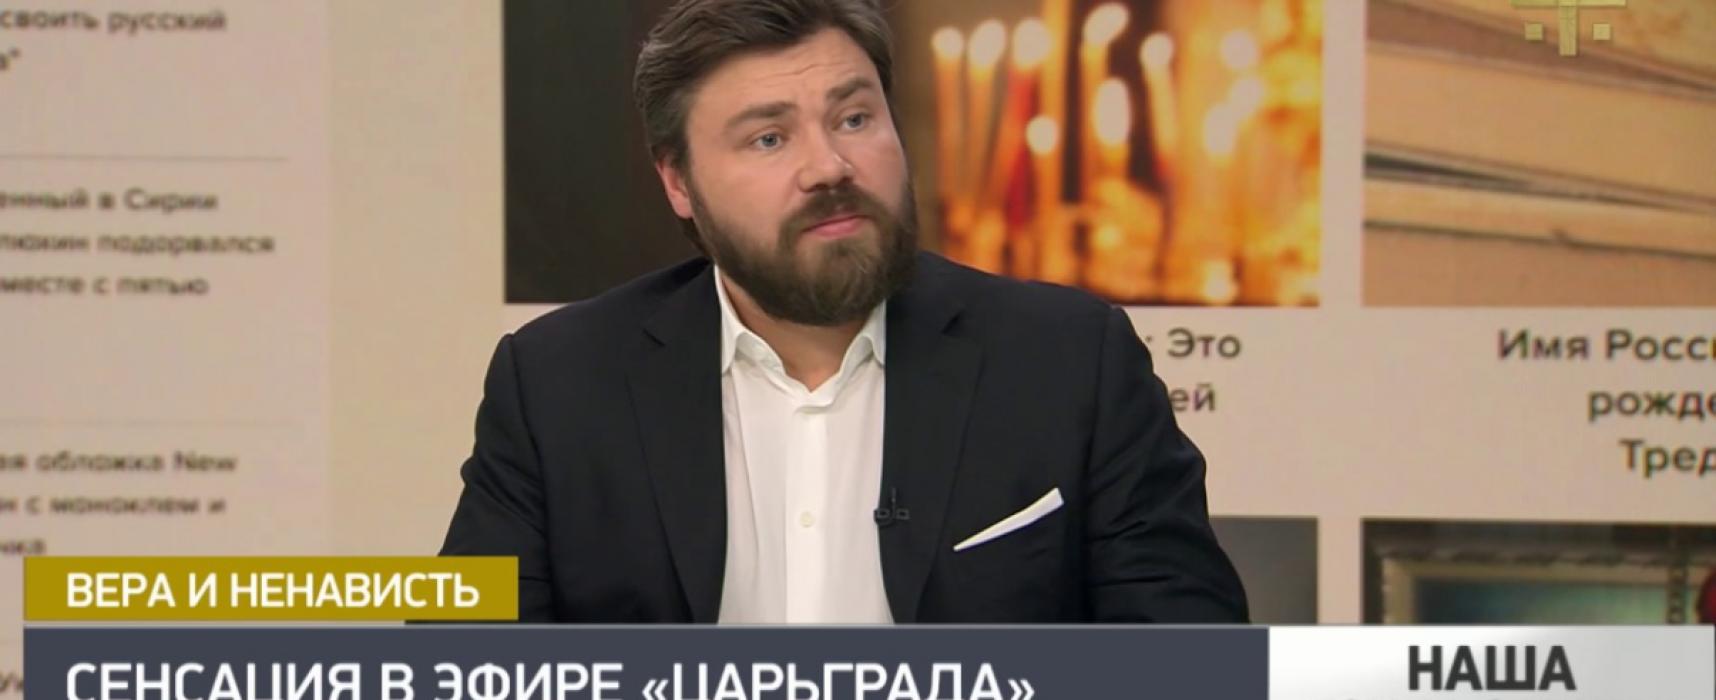 «Царьград» объединяется с православным телеканалом «Спас»